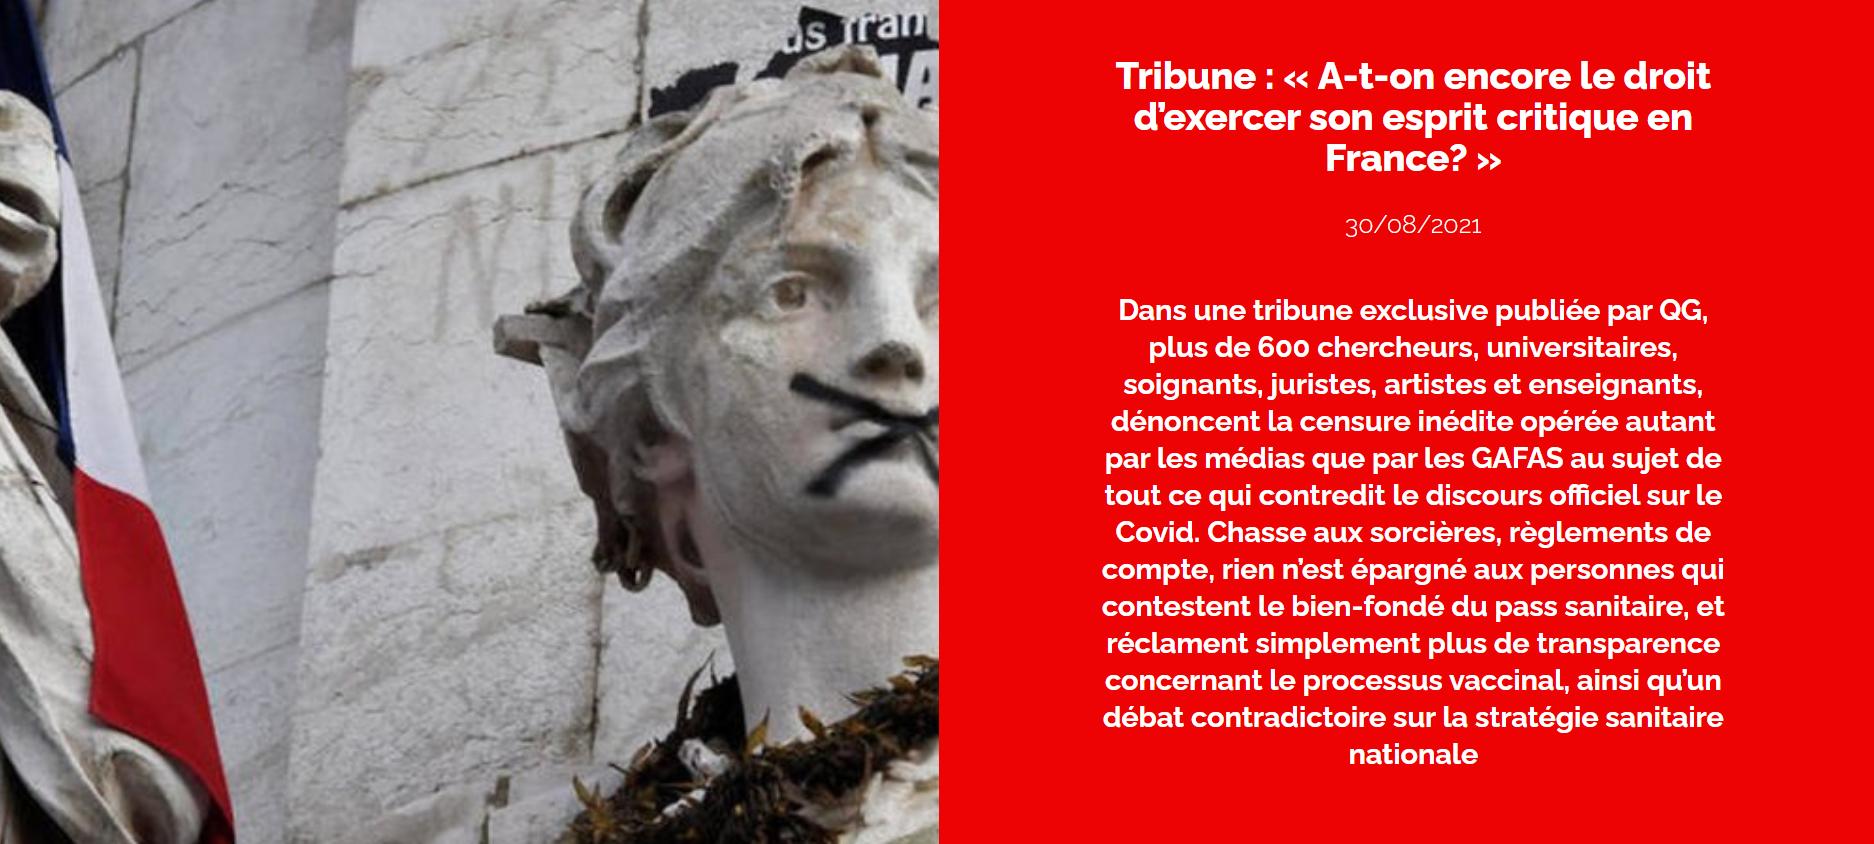 A-t-on encore le droit d'exercer son esprit critique en France? Refusons la confiscation  de tout débat !